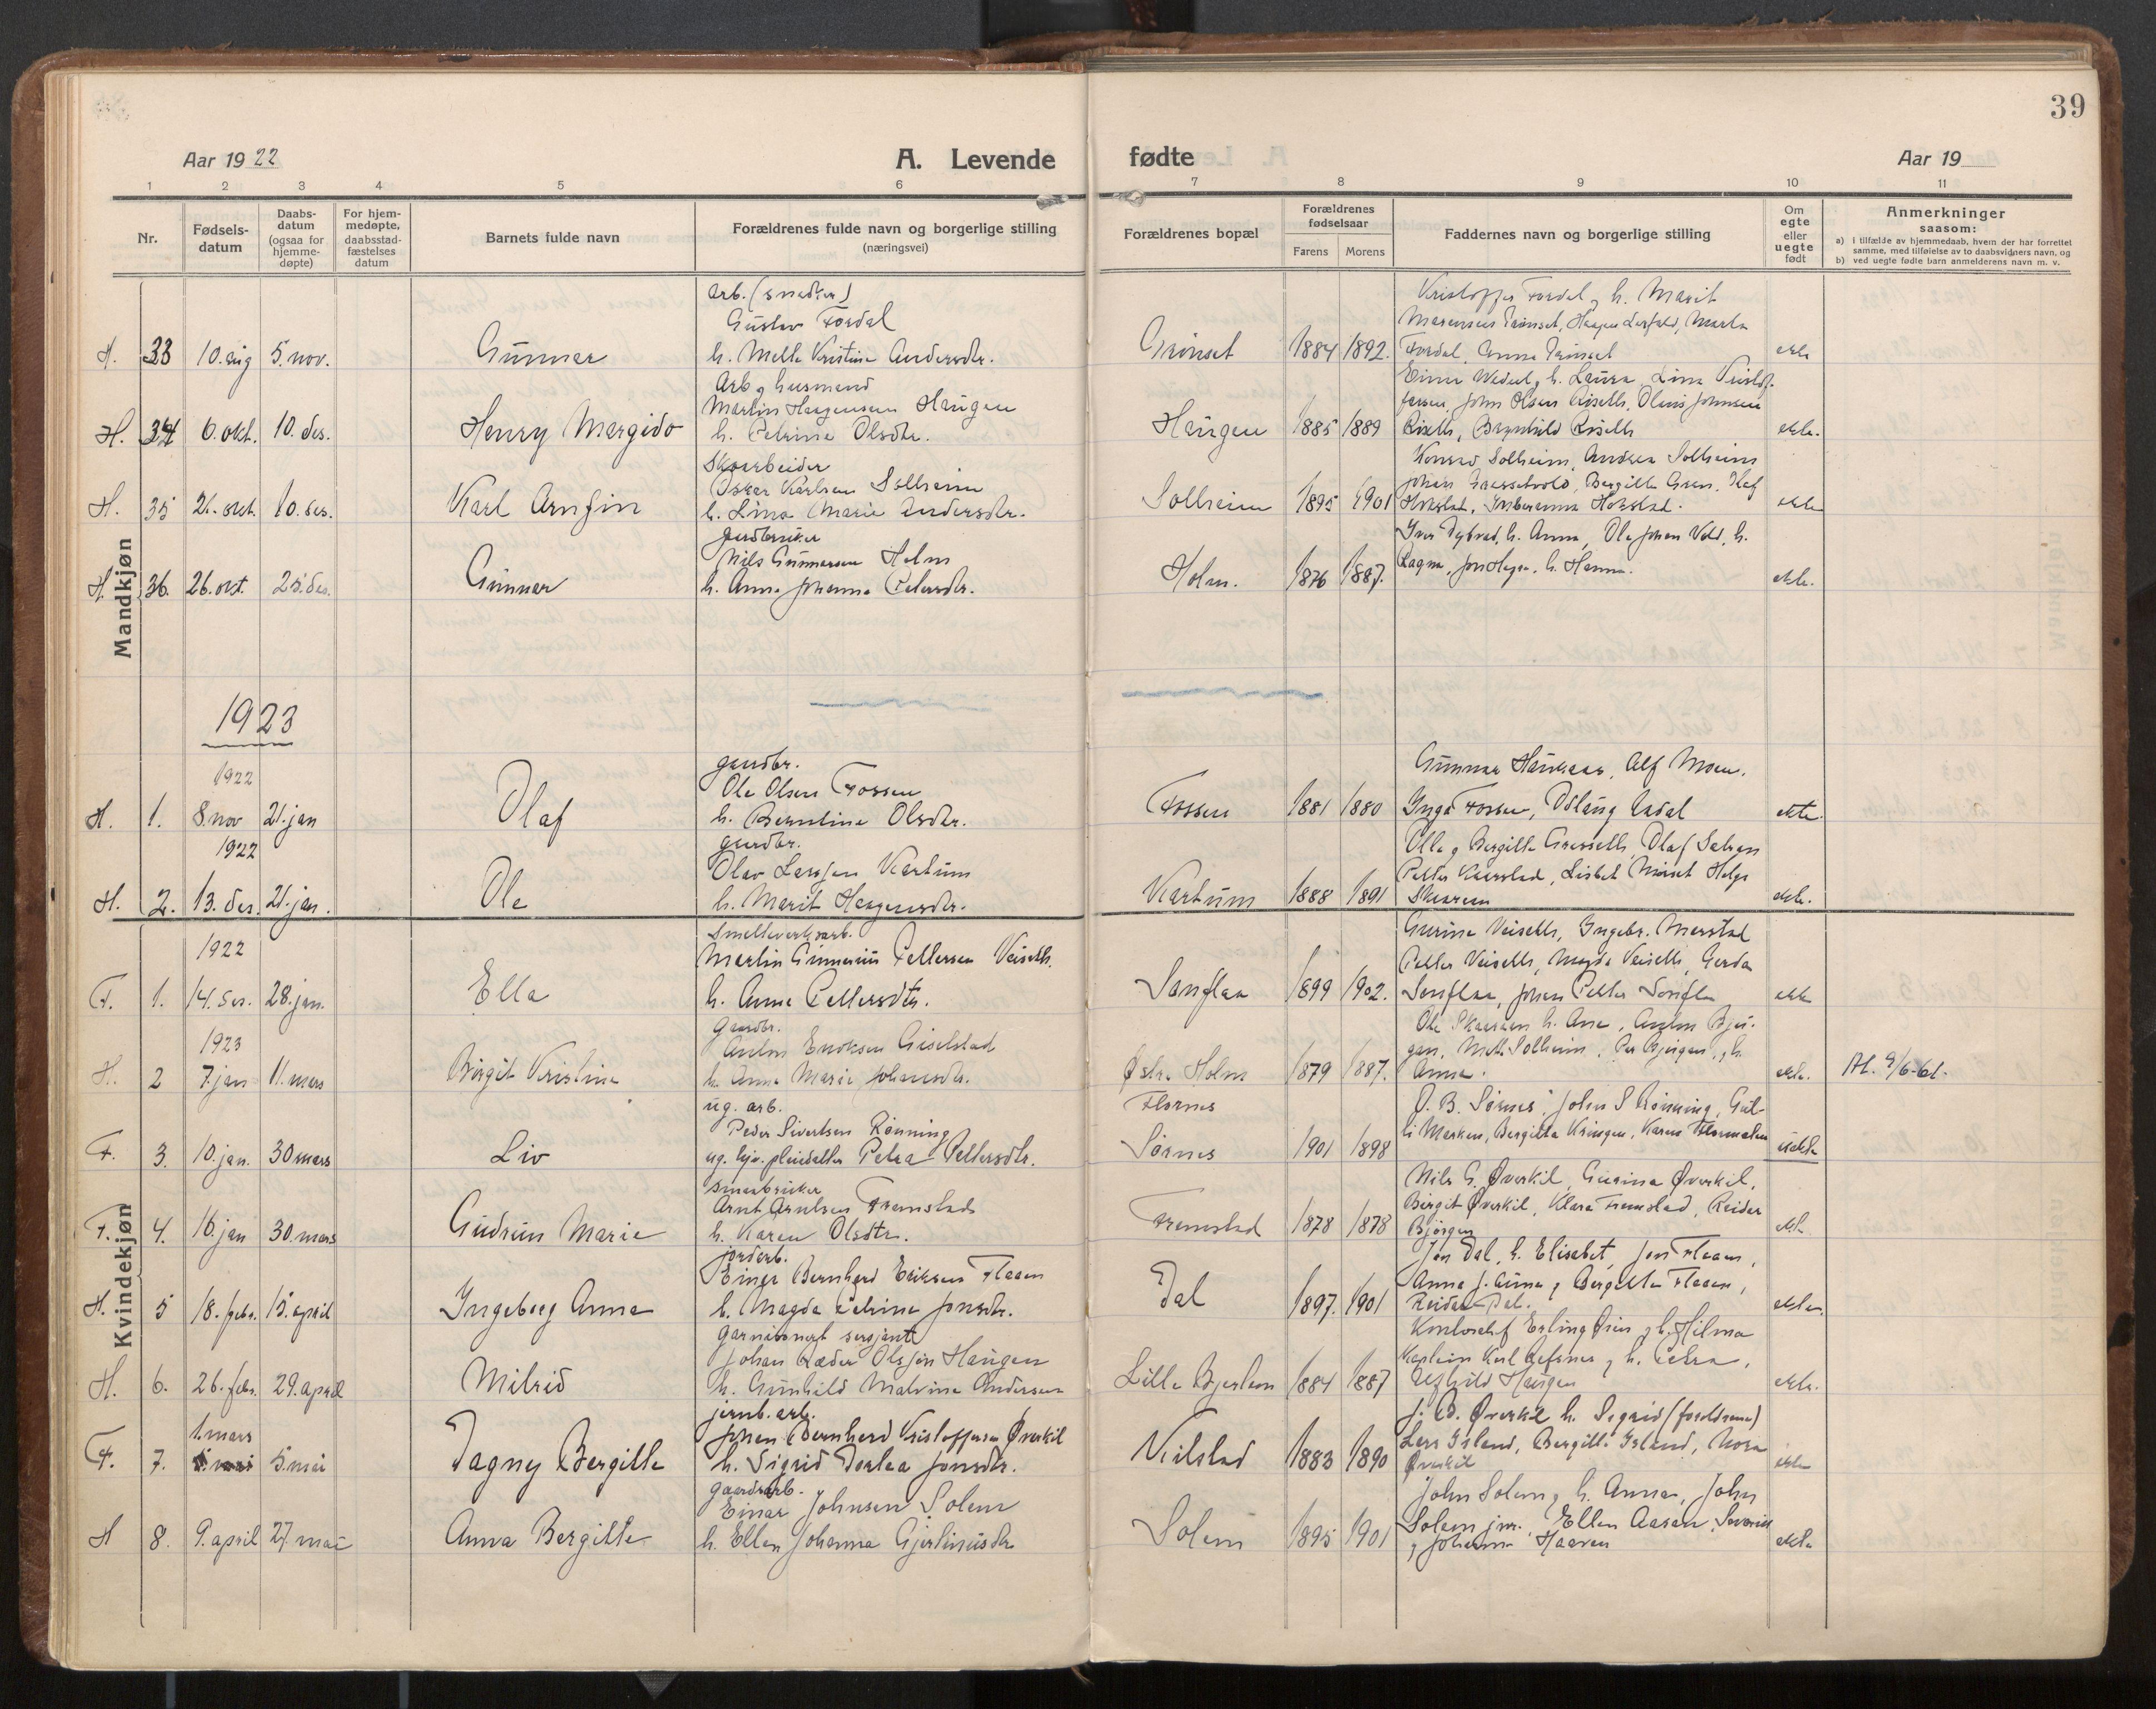 SAT, Ministerialprotokoller, klokkerbøker og fødselsregistre - Nord-Trøndelag, 703/L0037: Parish register (official) no. 703A10, 1915-1932, p. 39